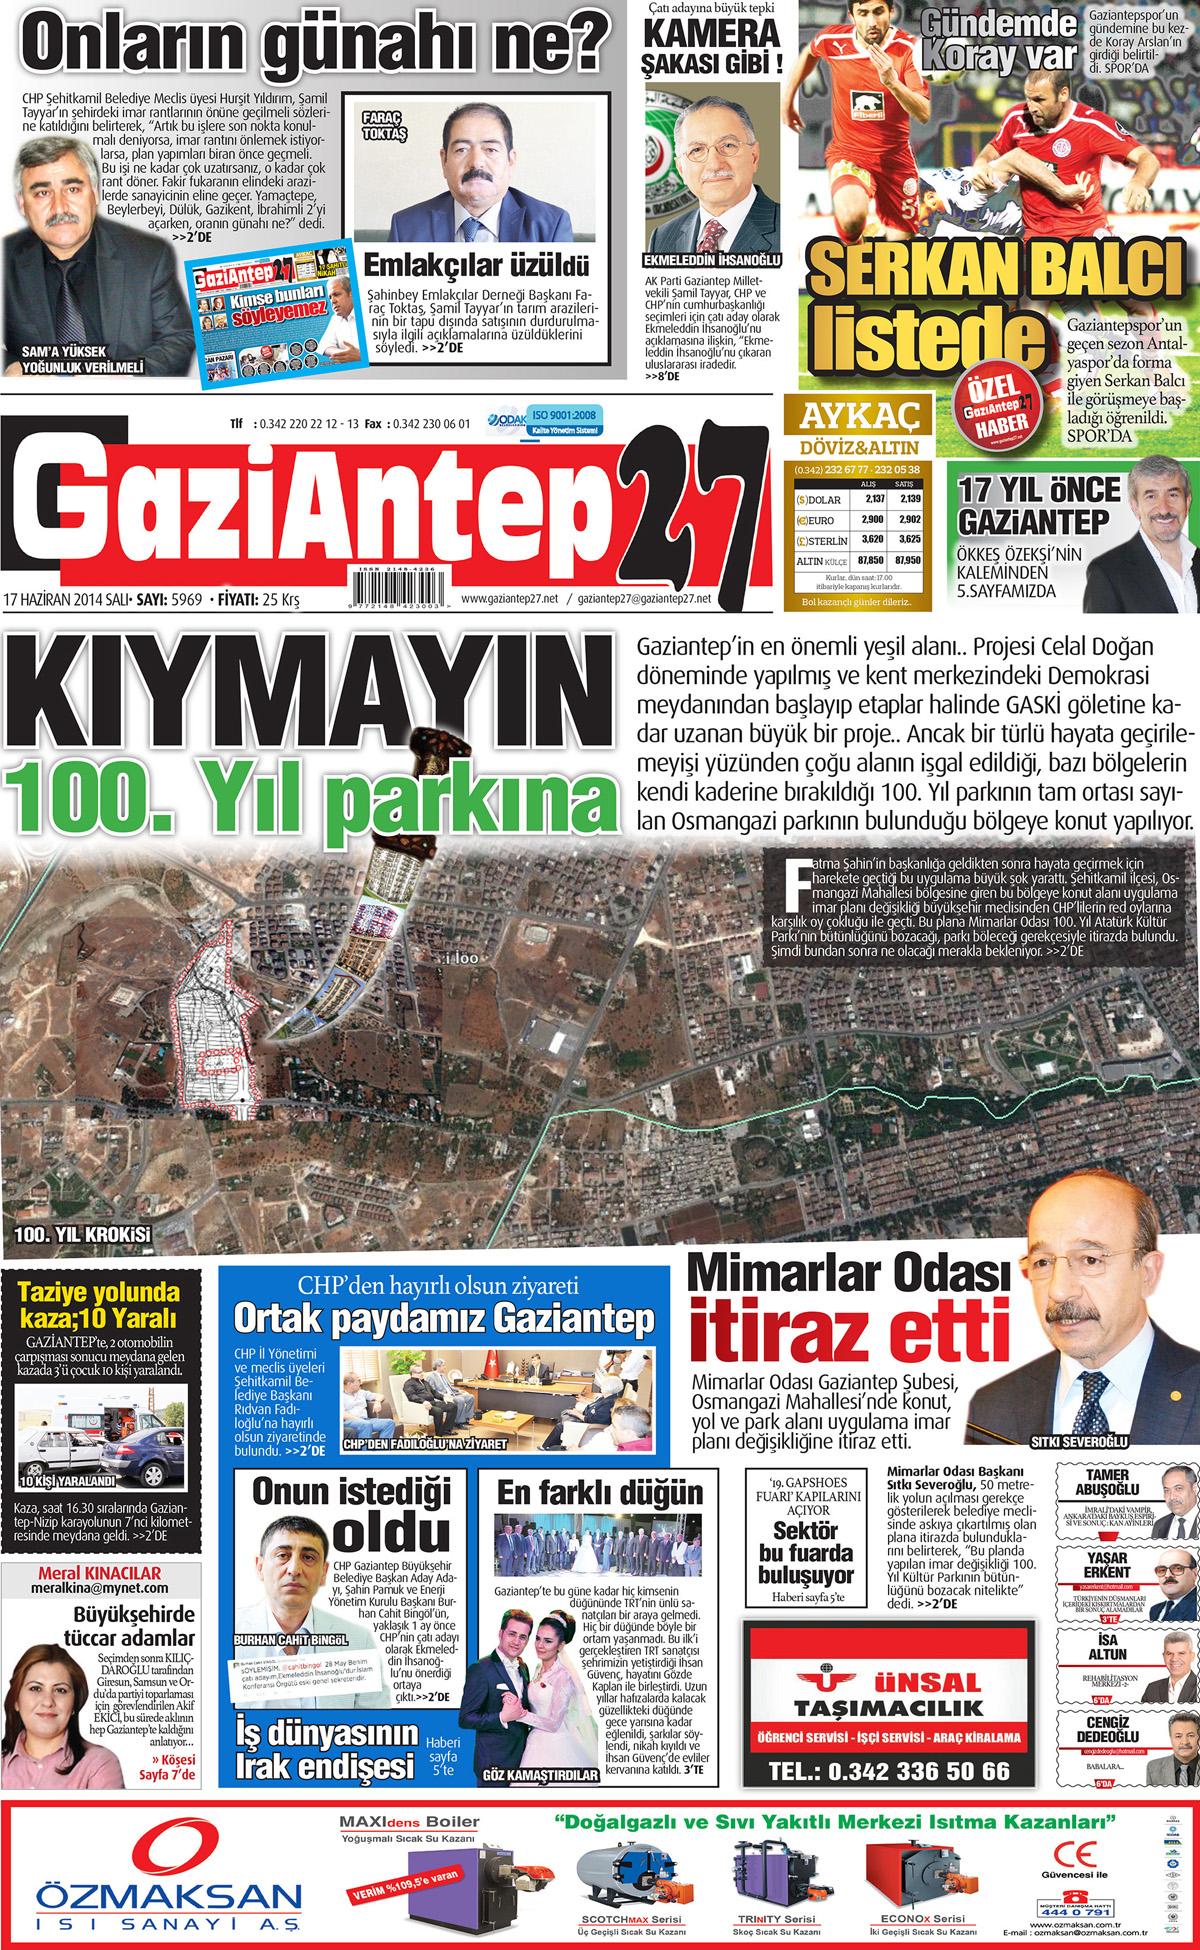 17 HAZİRAN 2014 SAYFALARI 1